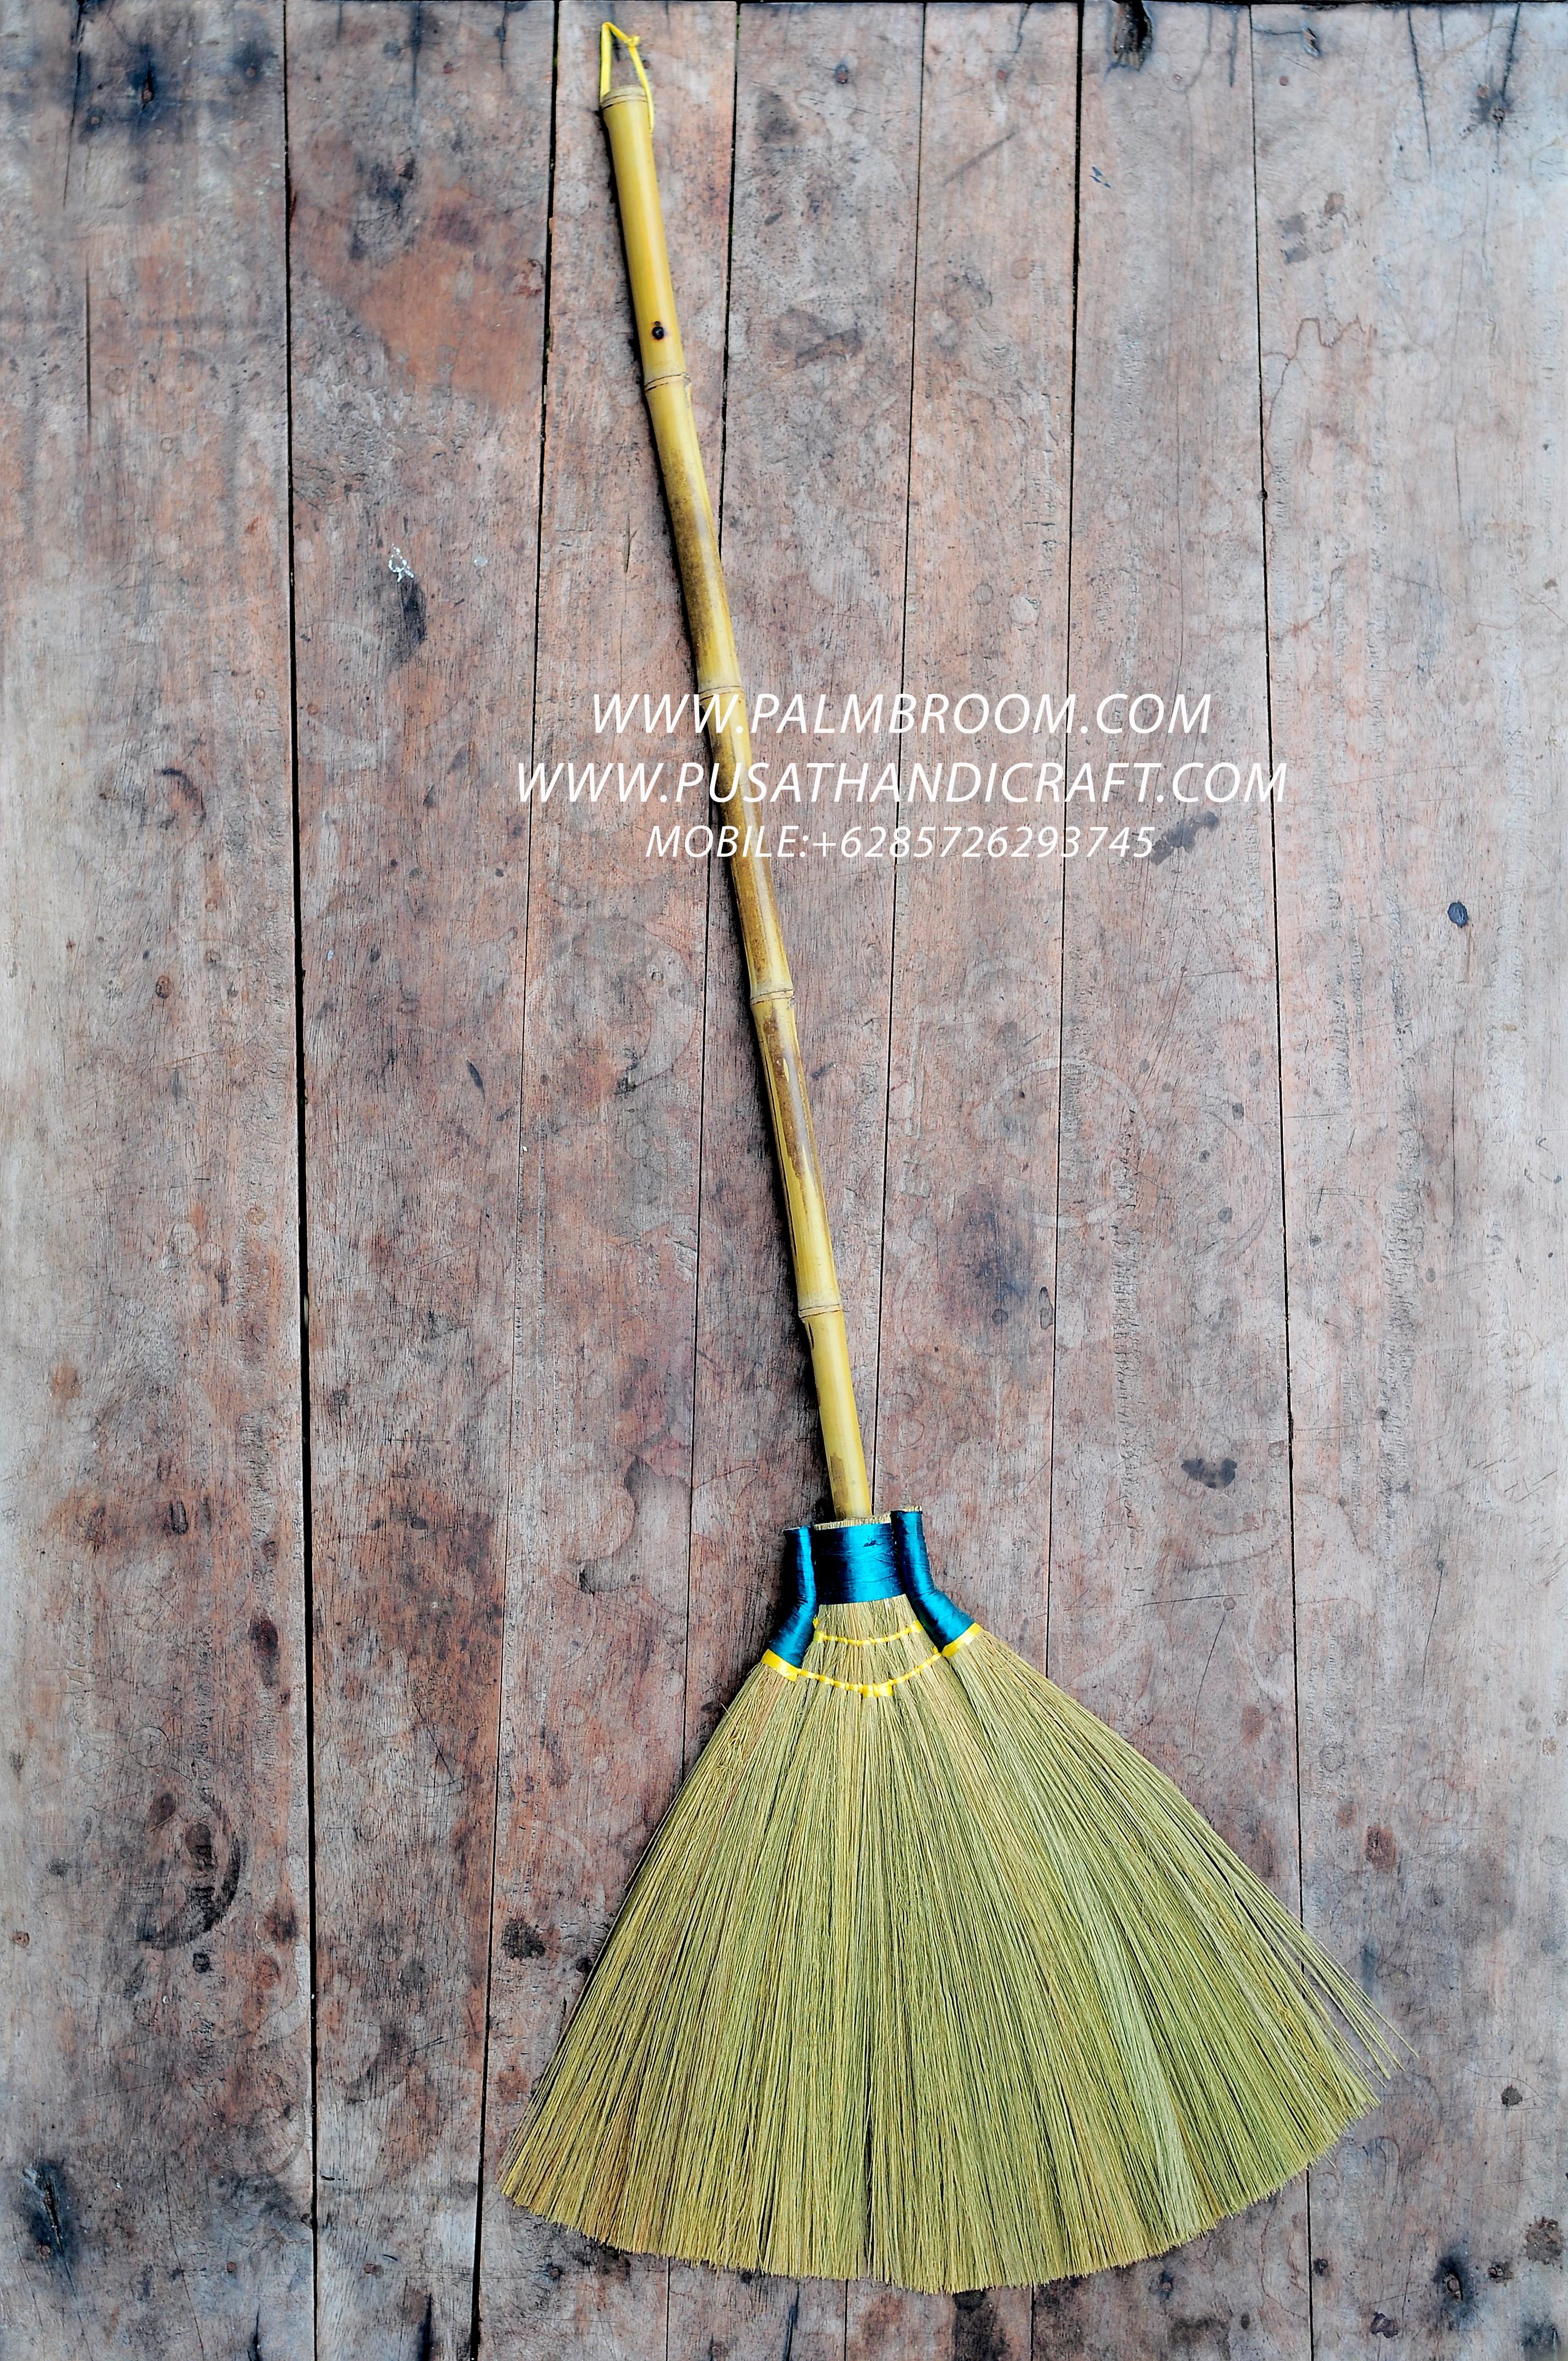 sapu rayung magelang, sapu rayung purbalingga,cara membuat sapu rayung,+6285726293745,www.pusathandicraft.com